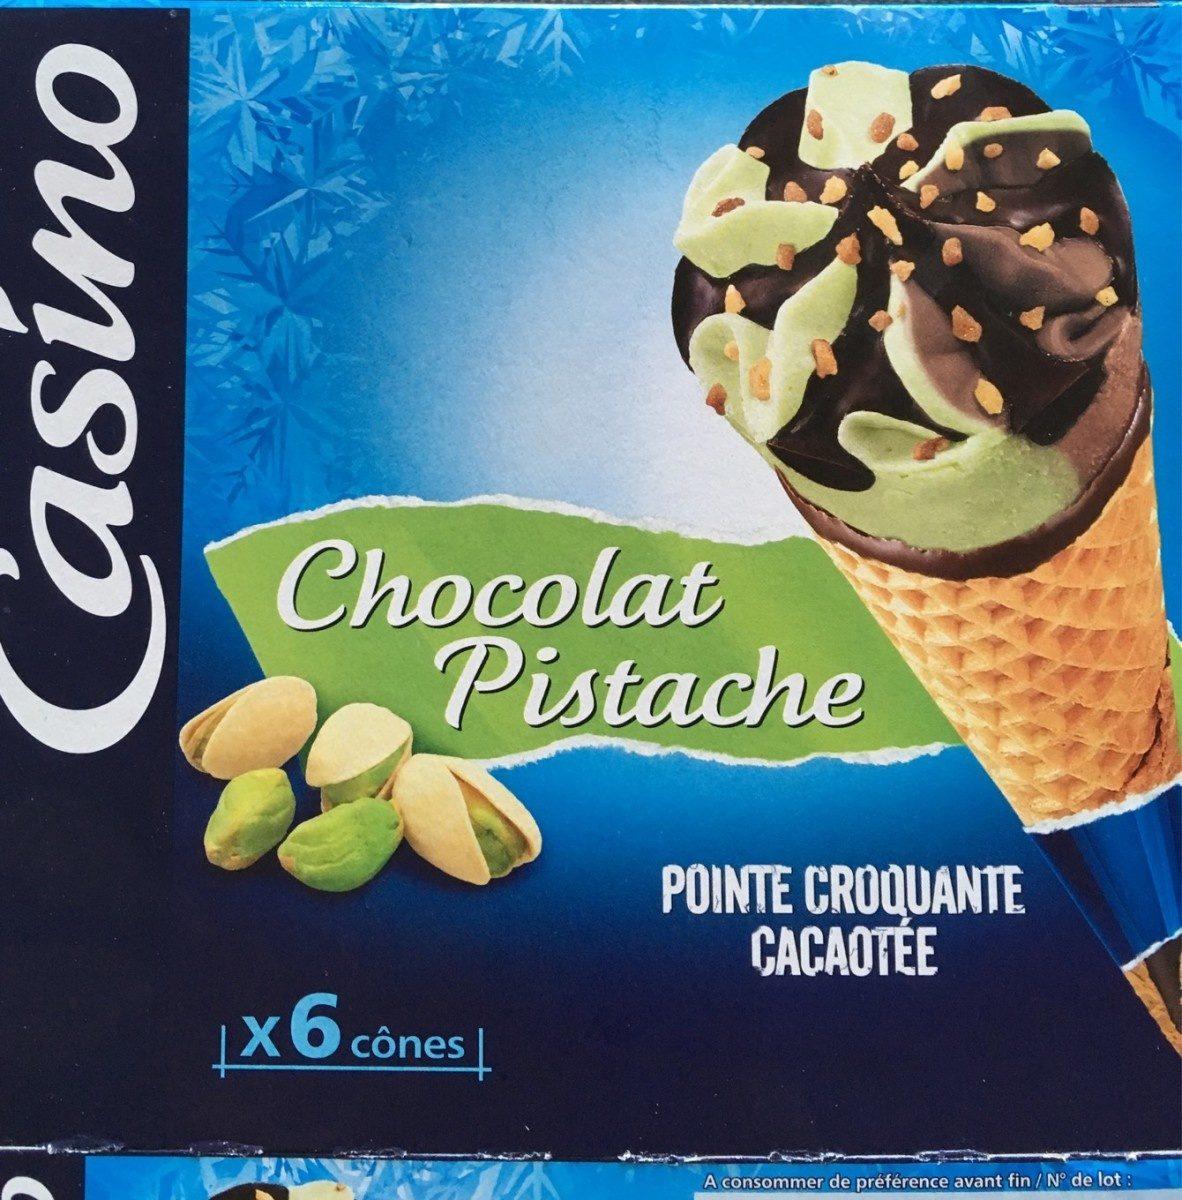 Cônes Chocolat Pistache x6 - Product